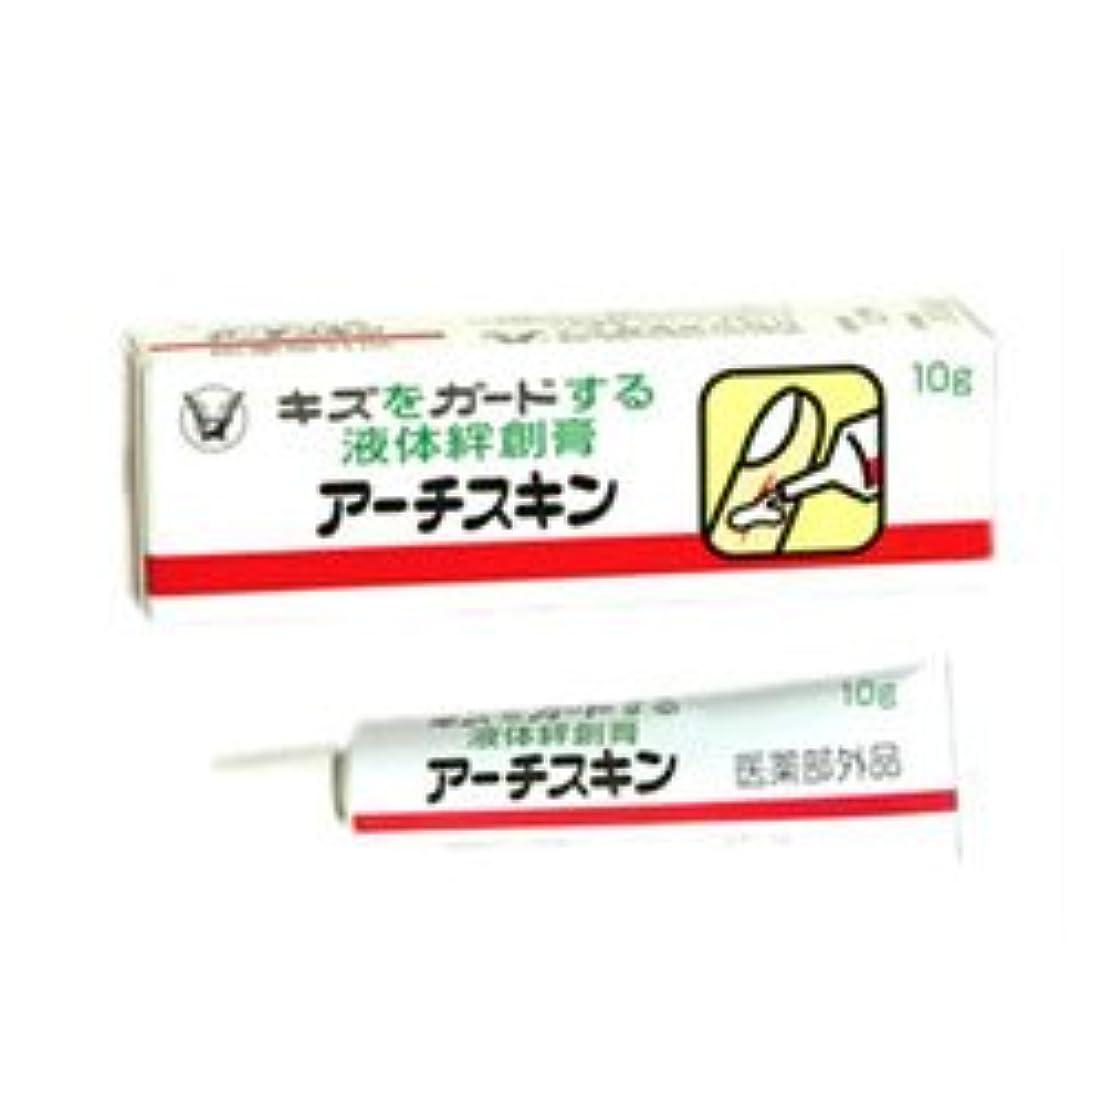 平等ライター気分【大正製薬】アーチスキン 10g ×5個セット